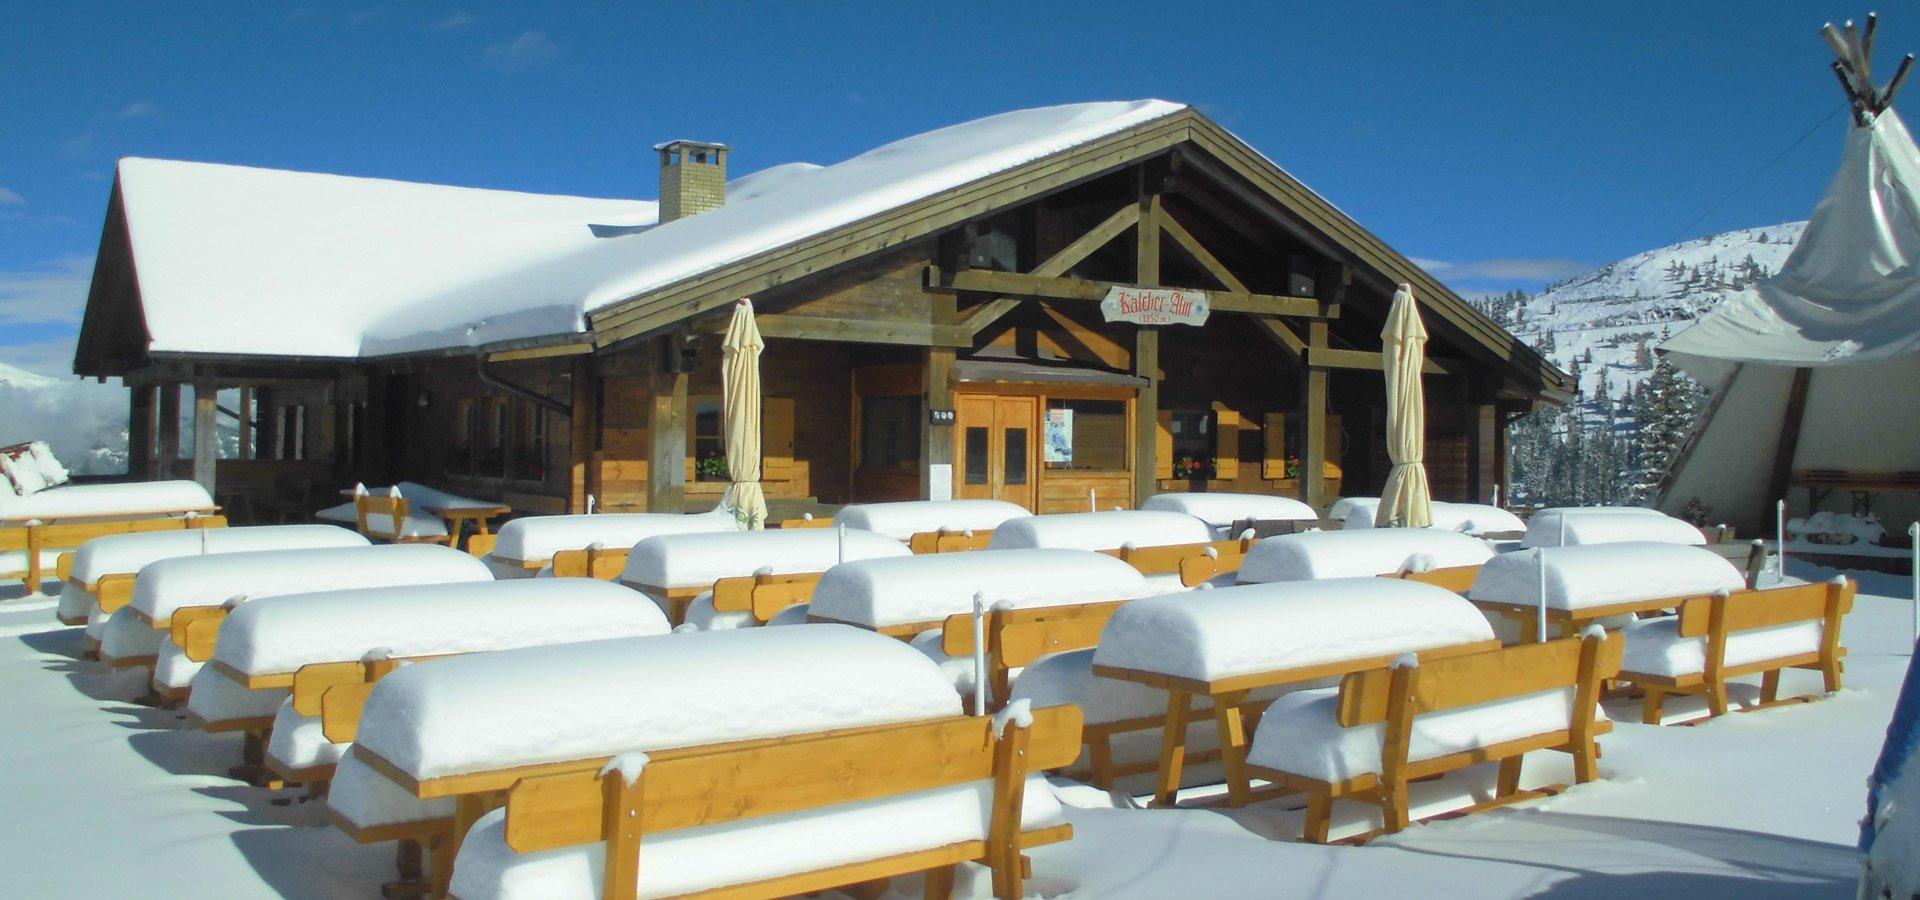 kalcheralm-skihuette-winterurlaub